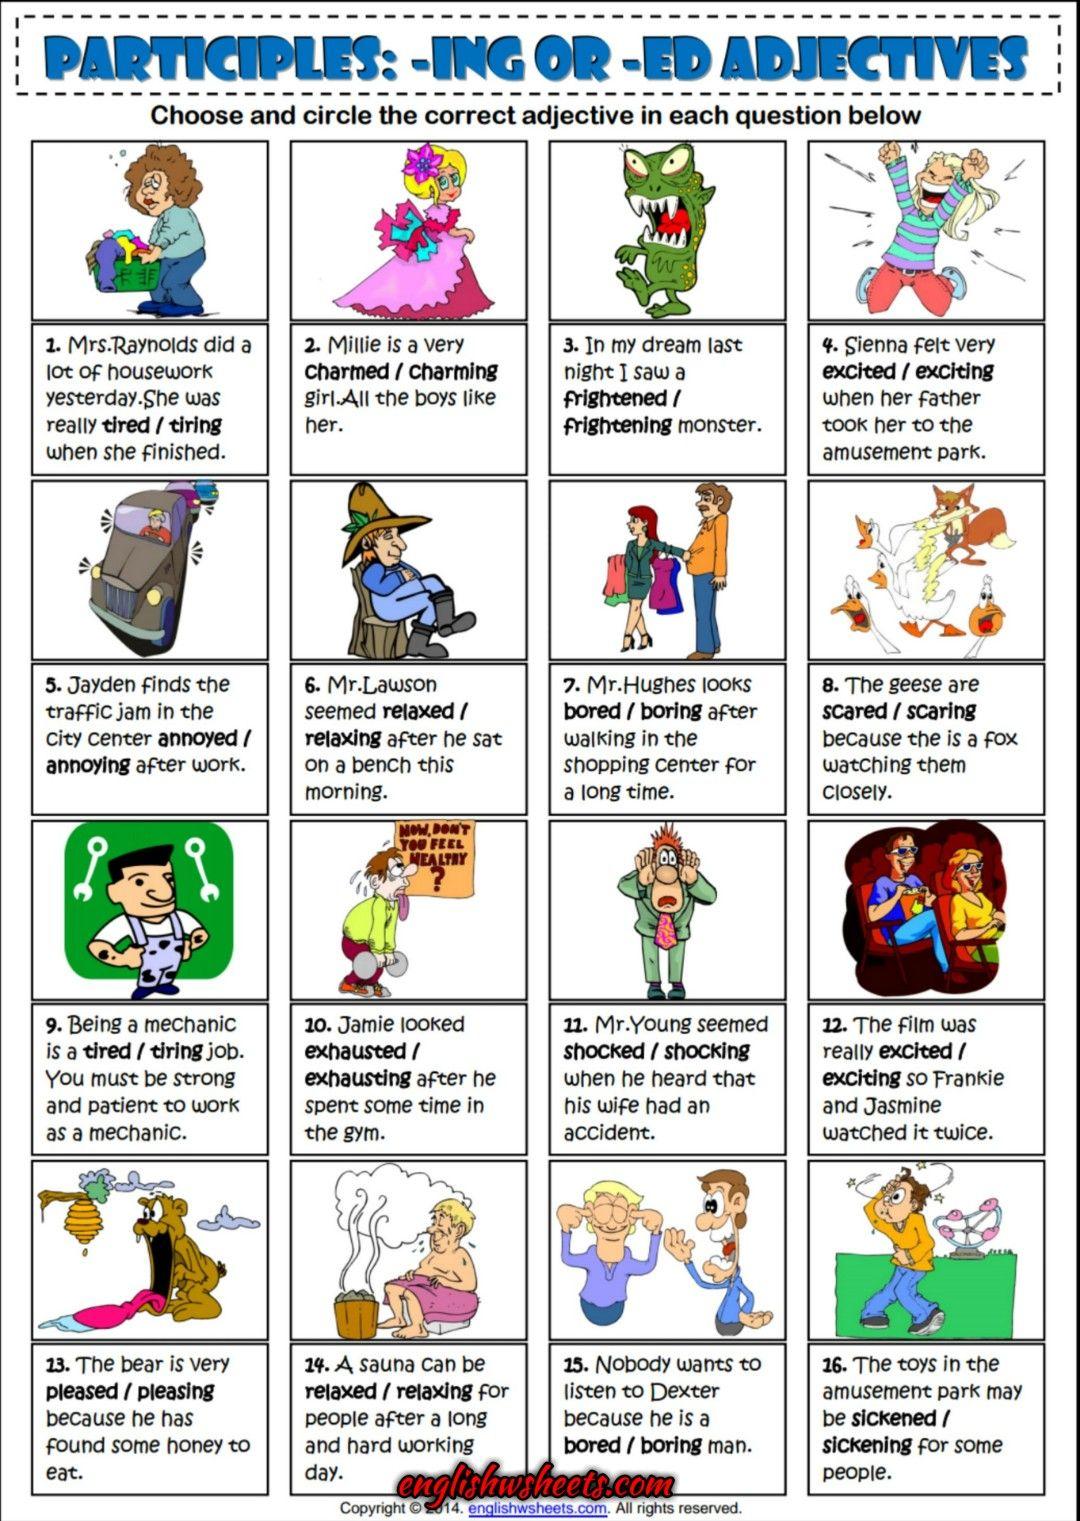 Participles -Ing Or -Ed Adjectives ESL Exercise Worksheet | Esl ...